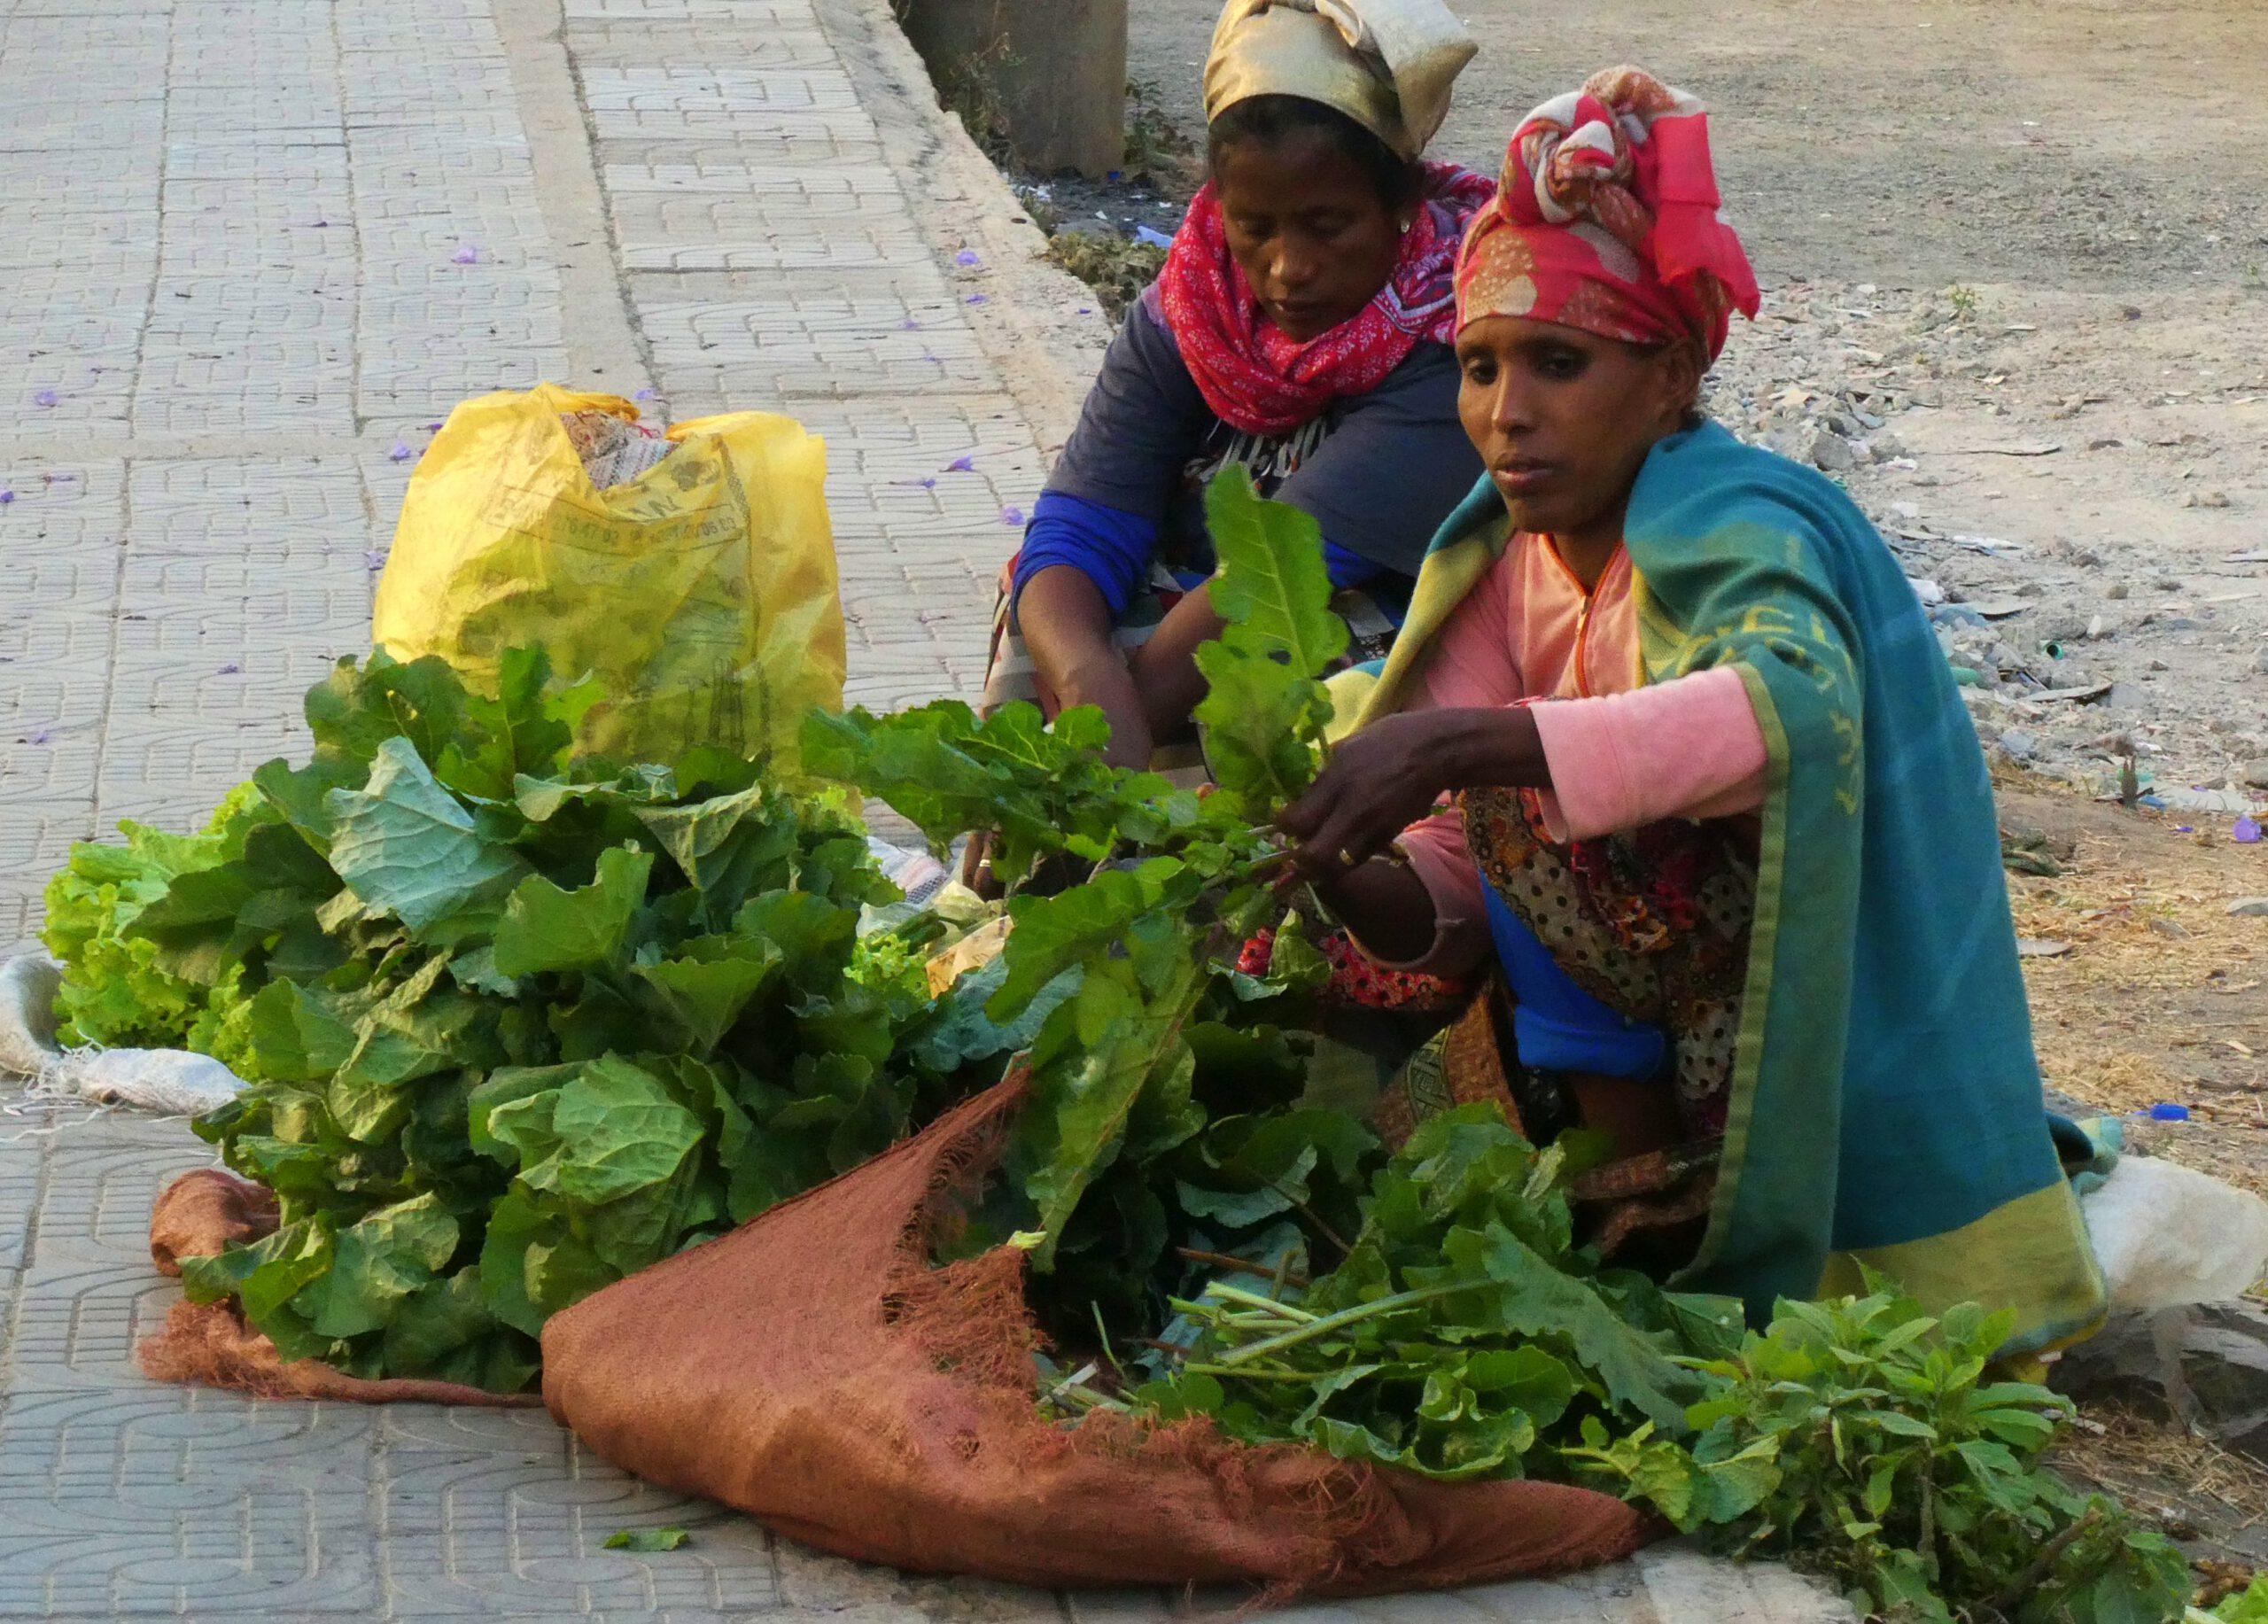 Un puesto de verduras en una calle de Adis Abeba